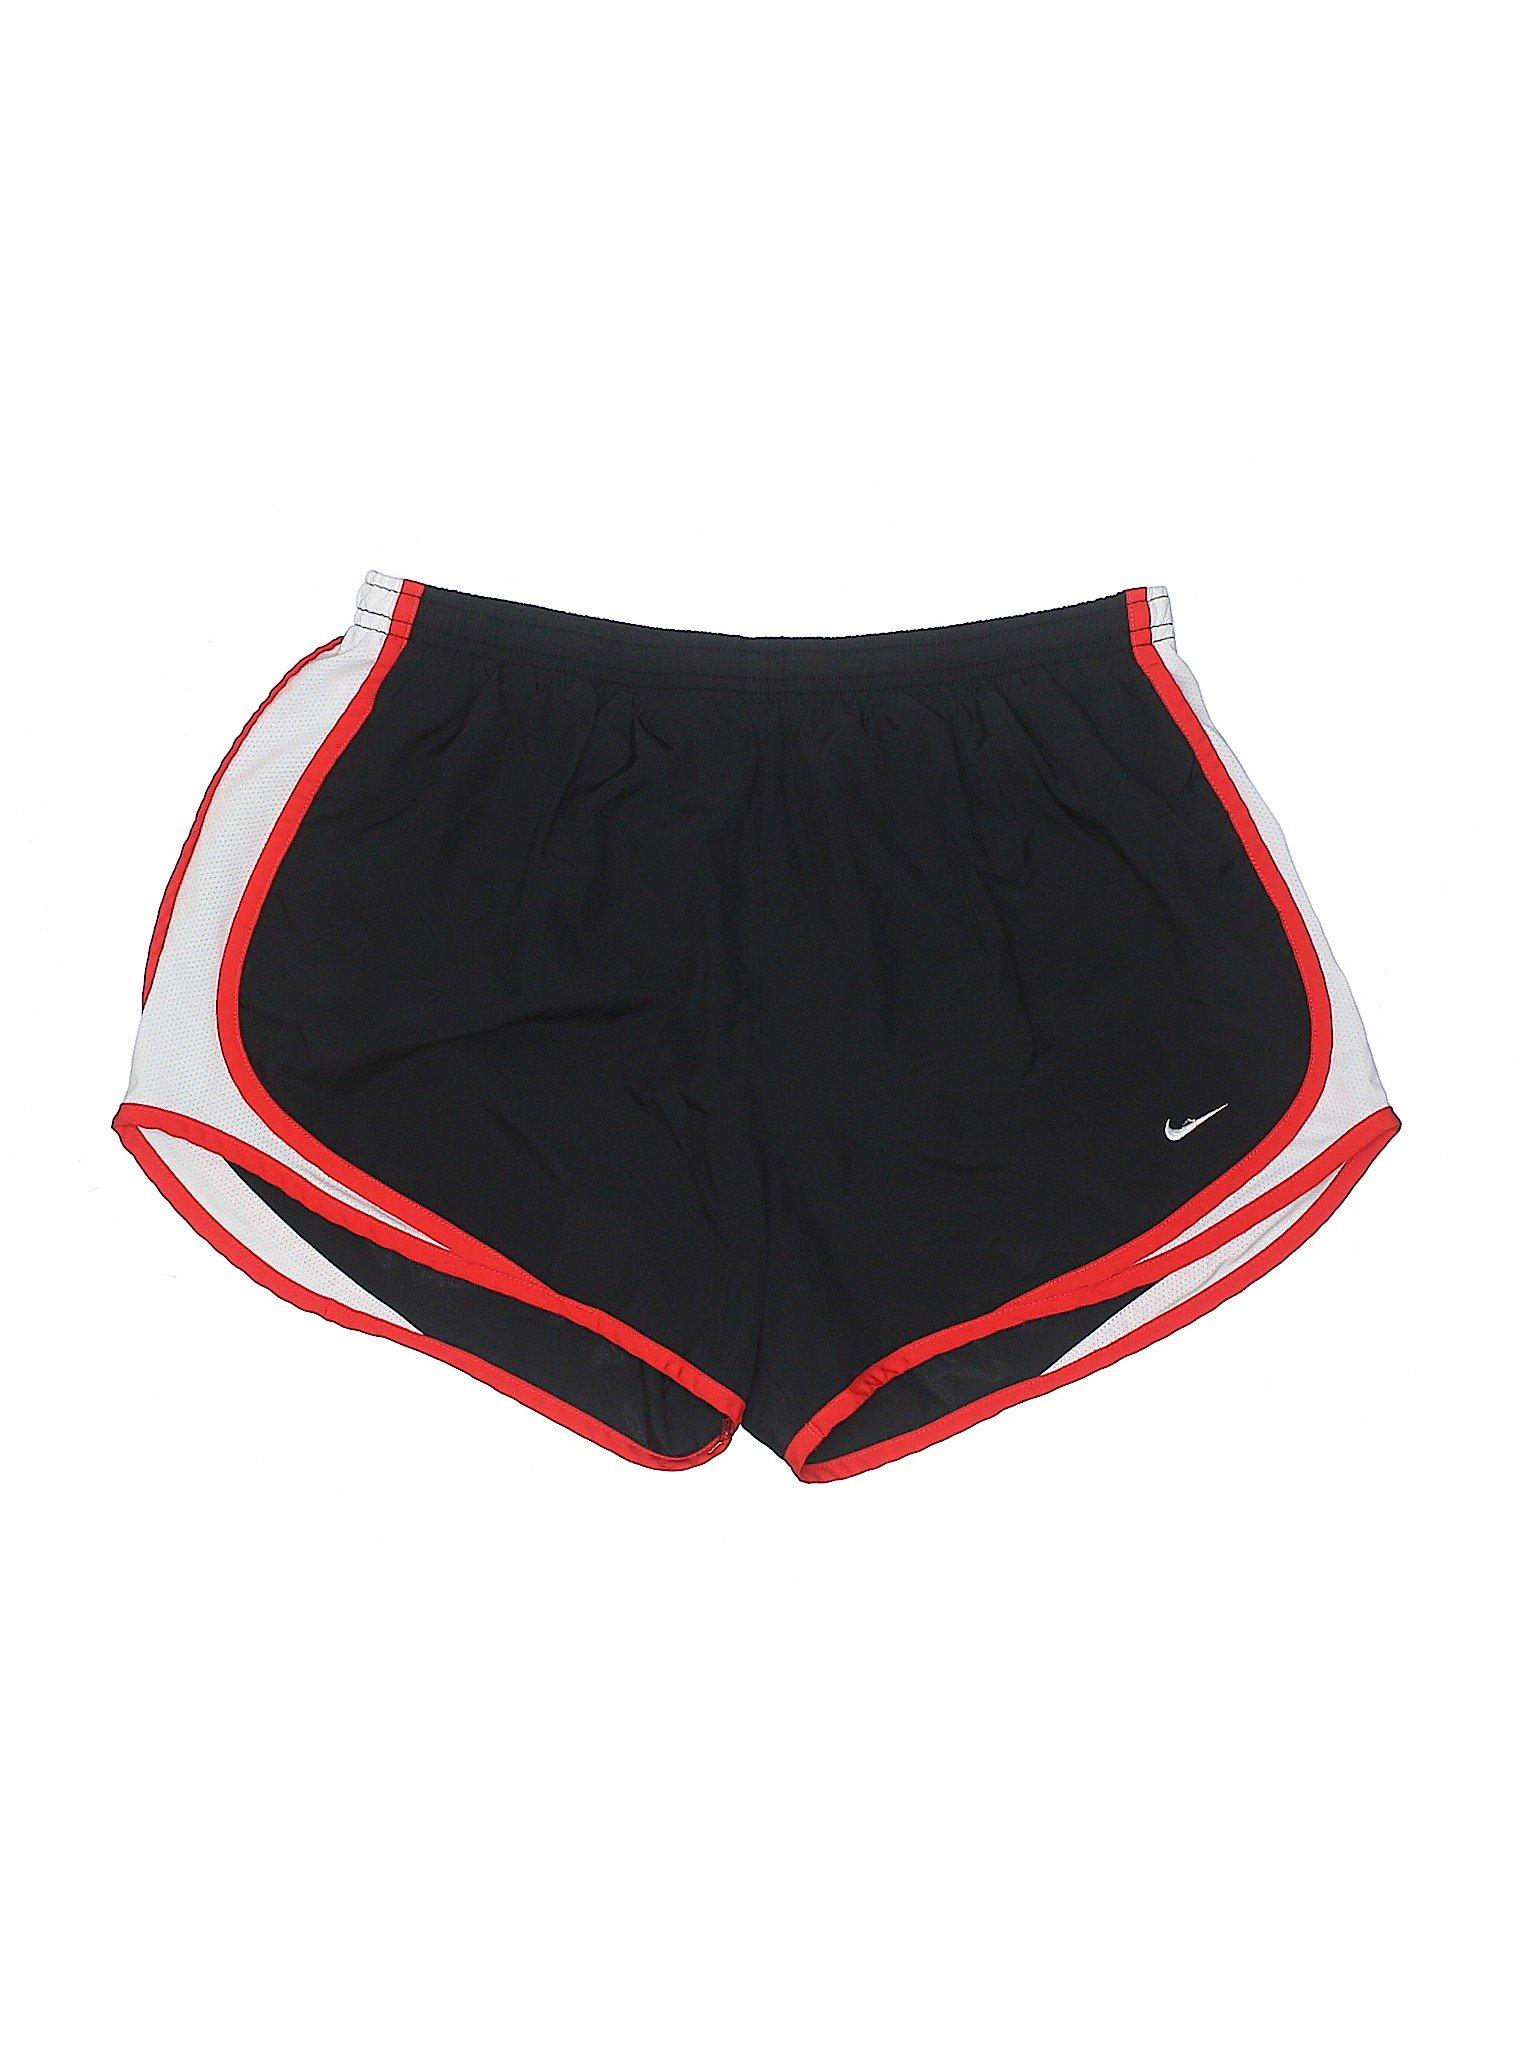 Athletic Shorts Shorts Athletic Boutique Nike Boutique Nike zRfRXw